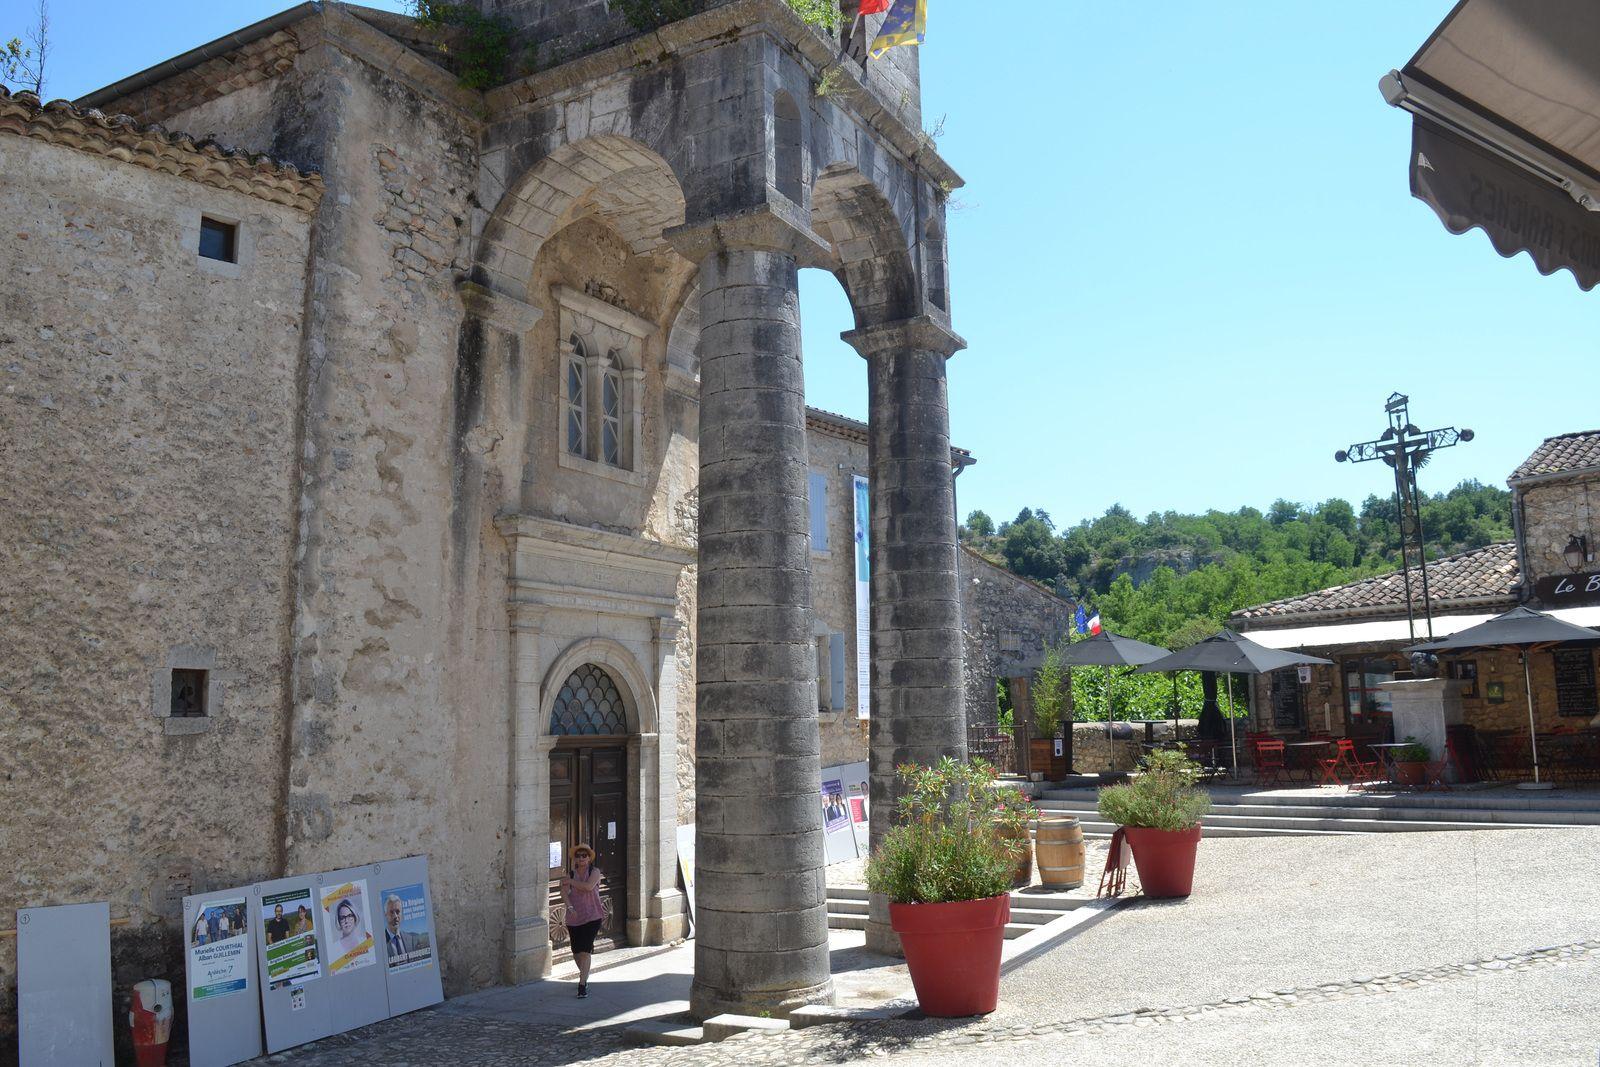 ...j'ai bien aimé aussi l'église du village avec son entrée très originale.